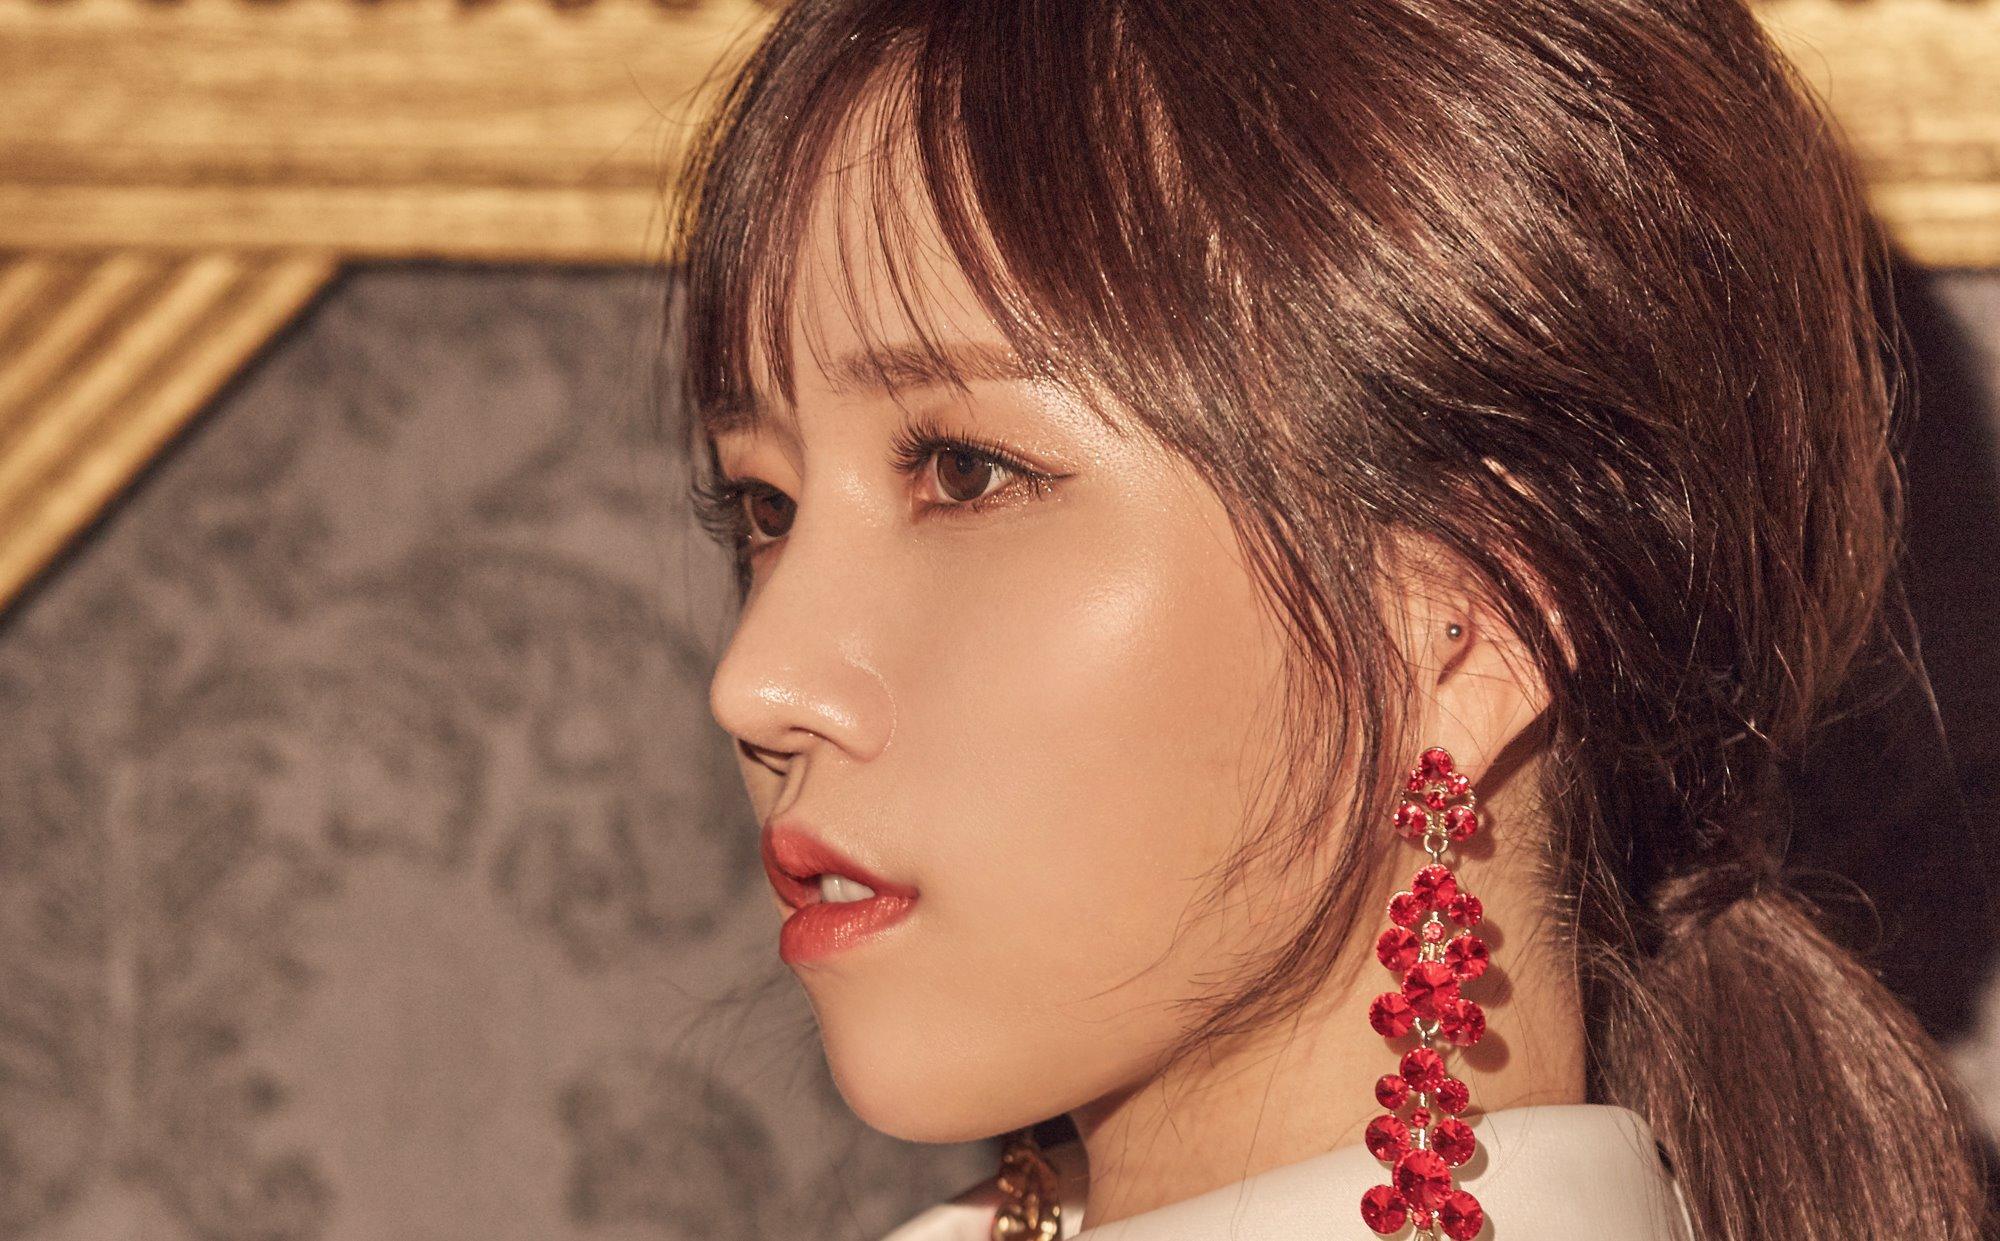 Lovelyz Jin Profile